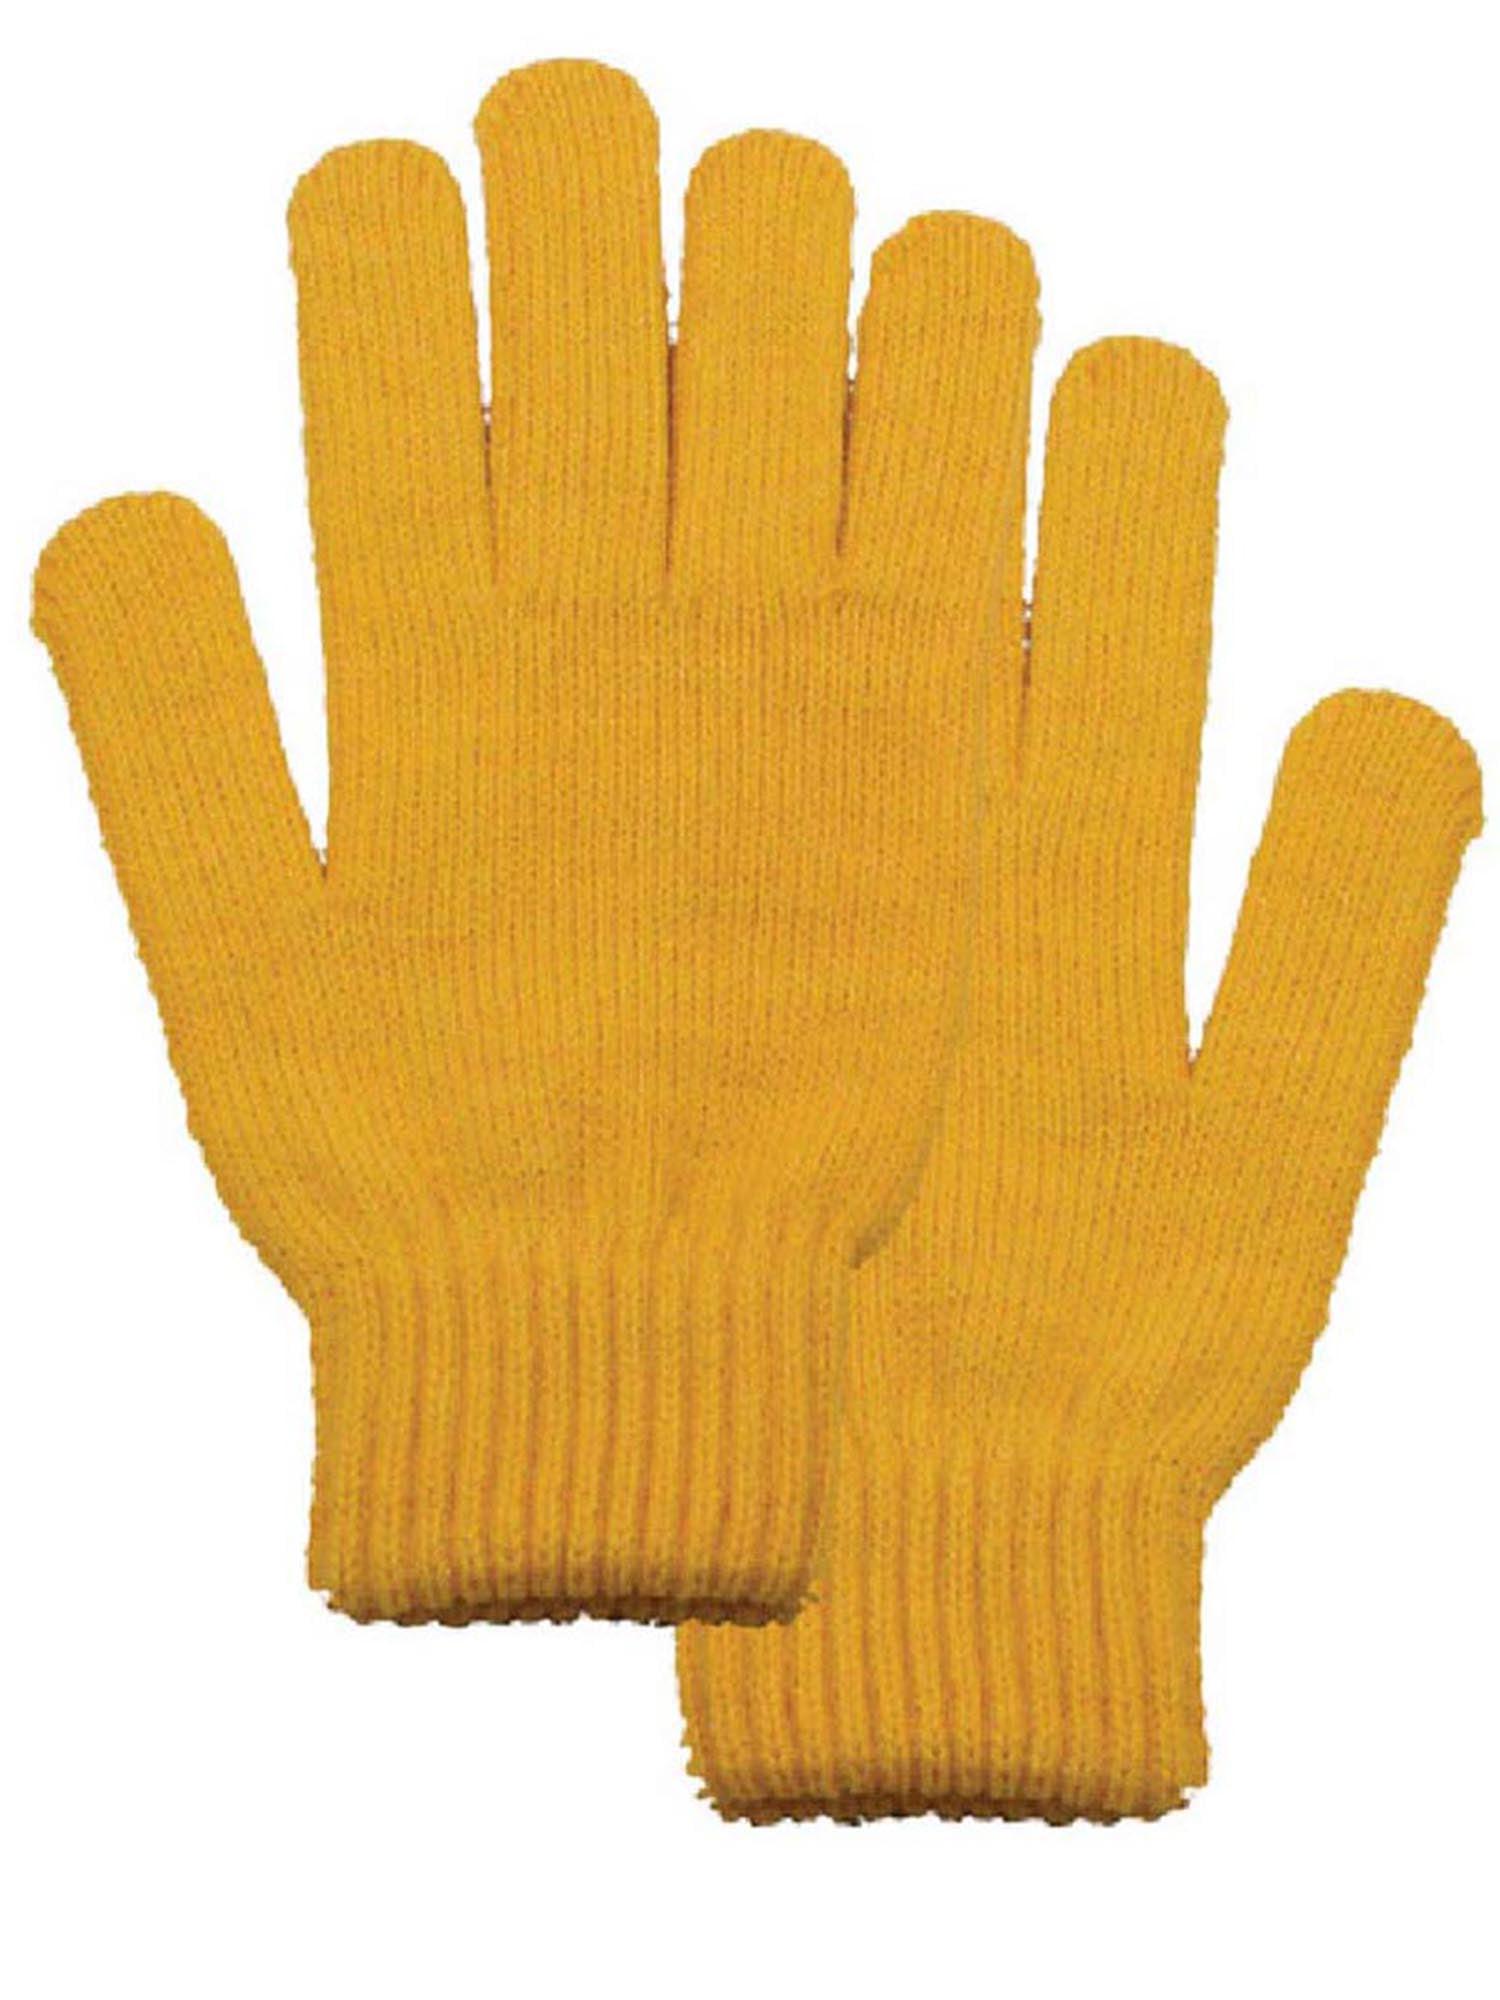 Men and Women's White Winter Gloves